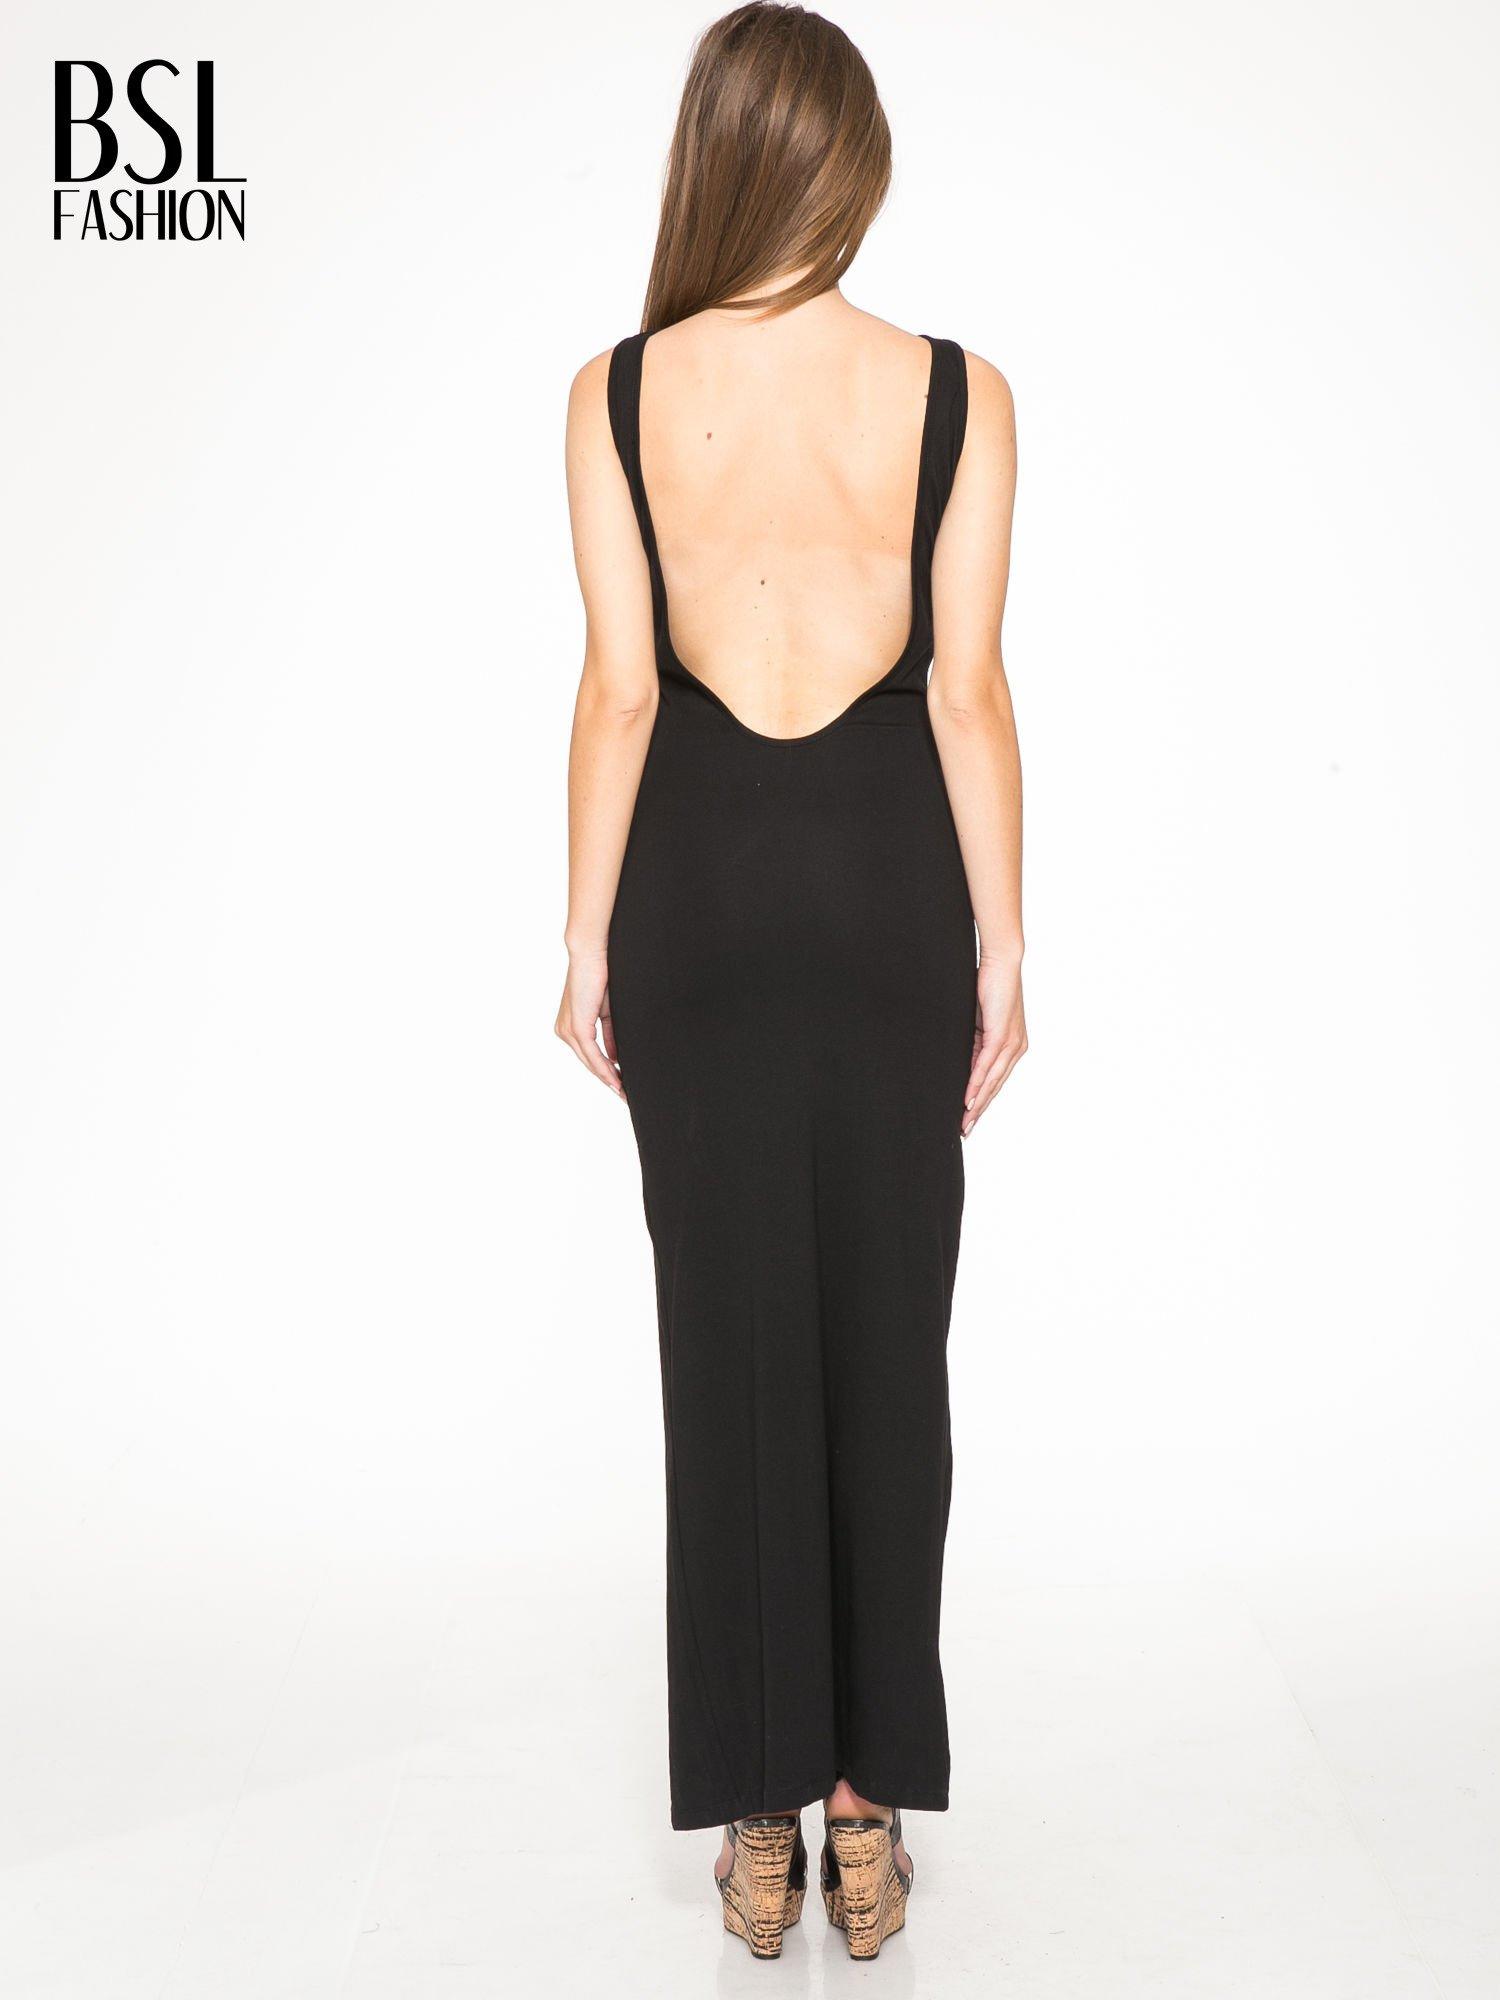 Czarna wieczorowa sukienka maxi z transparentną wstawką i dekoltem a plecach                                  zdj.                                  3